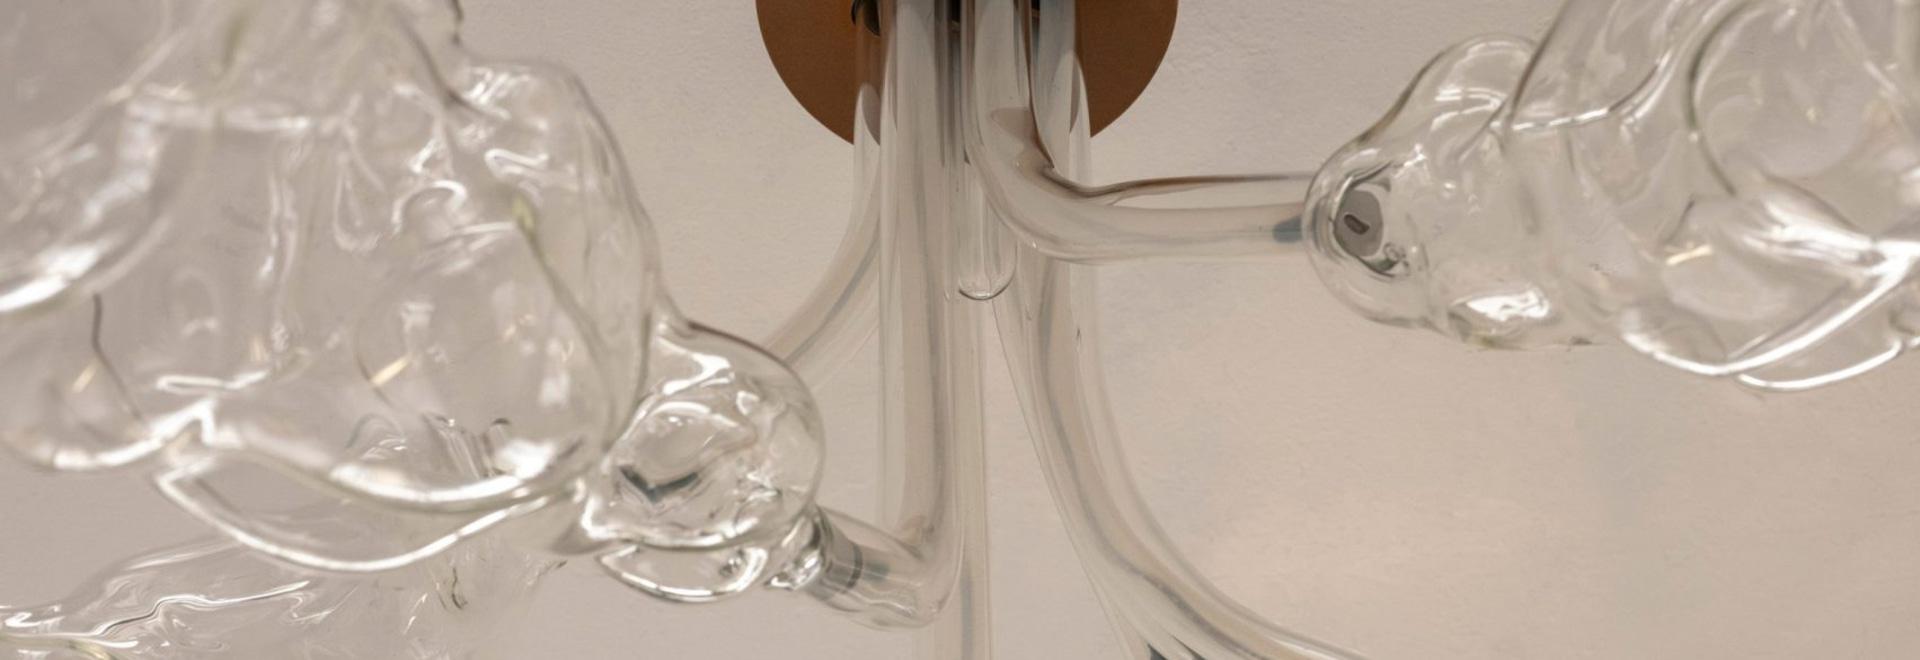 Marta Armengol's glassware resembles amorphous bubbles